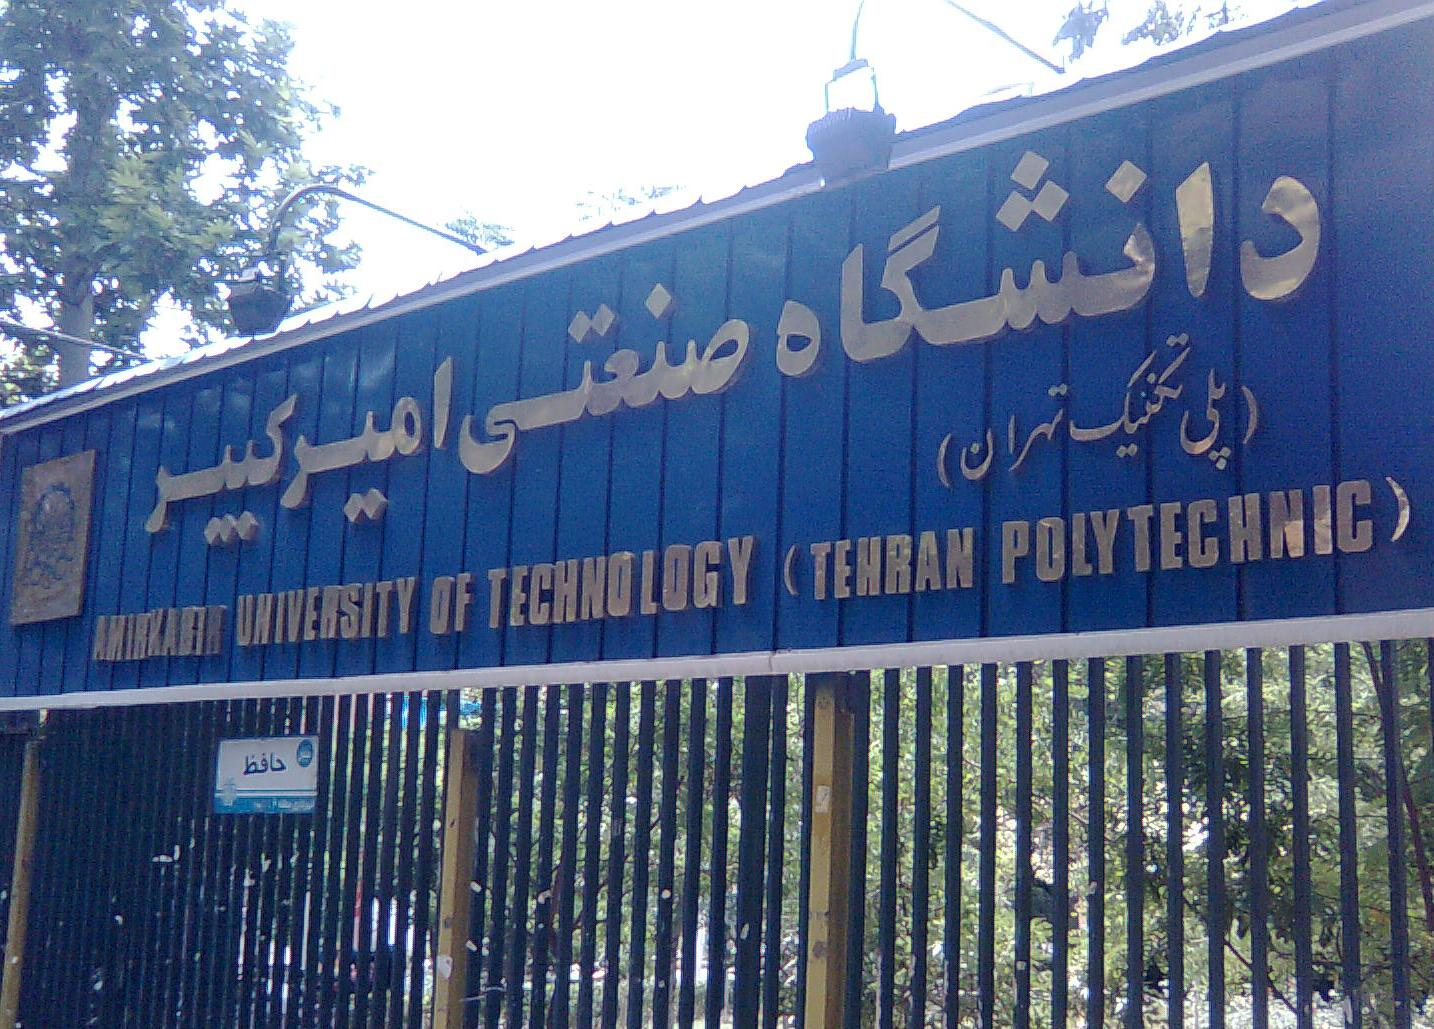 دانشگاه صنعتی امیرکبیر-رشته مهندسی پزشکی-مدرسه مهندسی پزشکی ایران-iranianbme.com-biomedical engineering